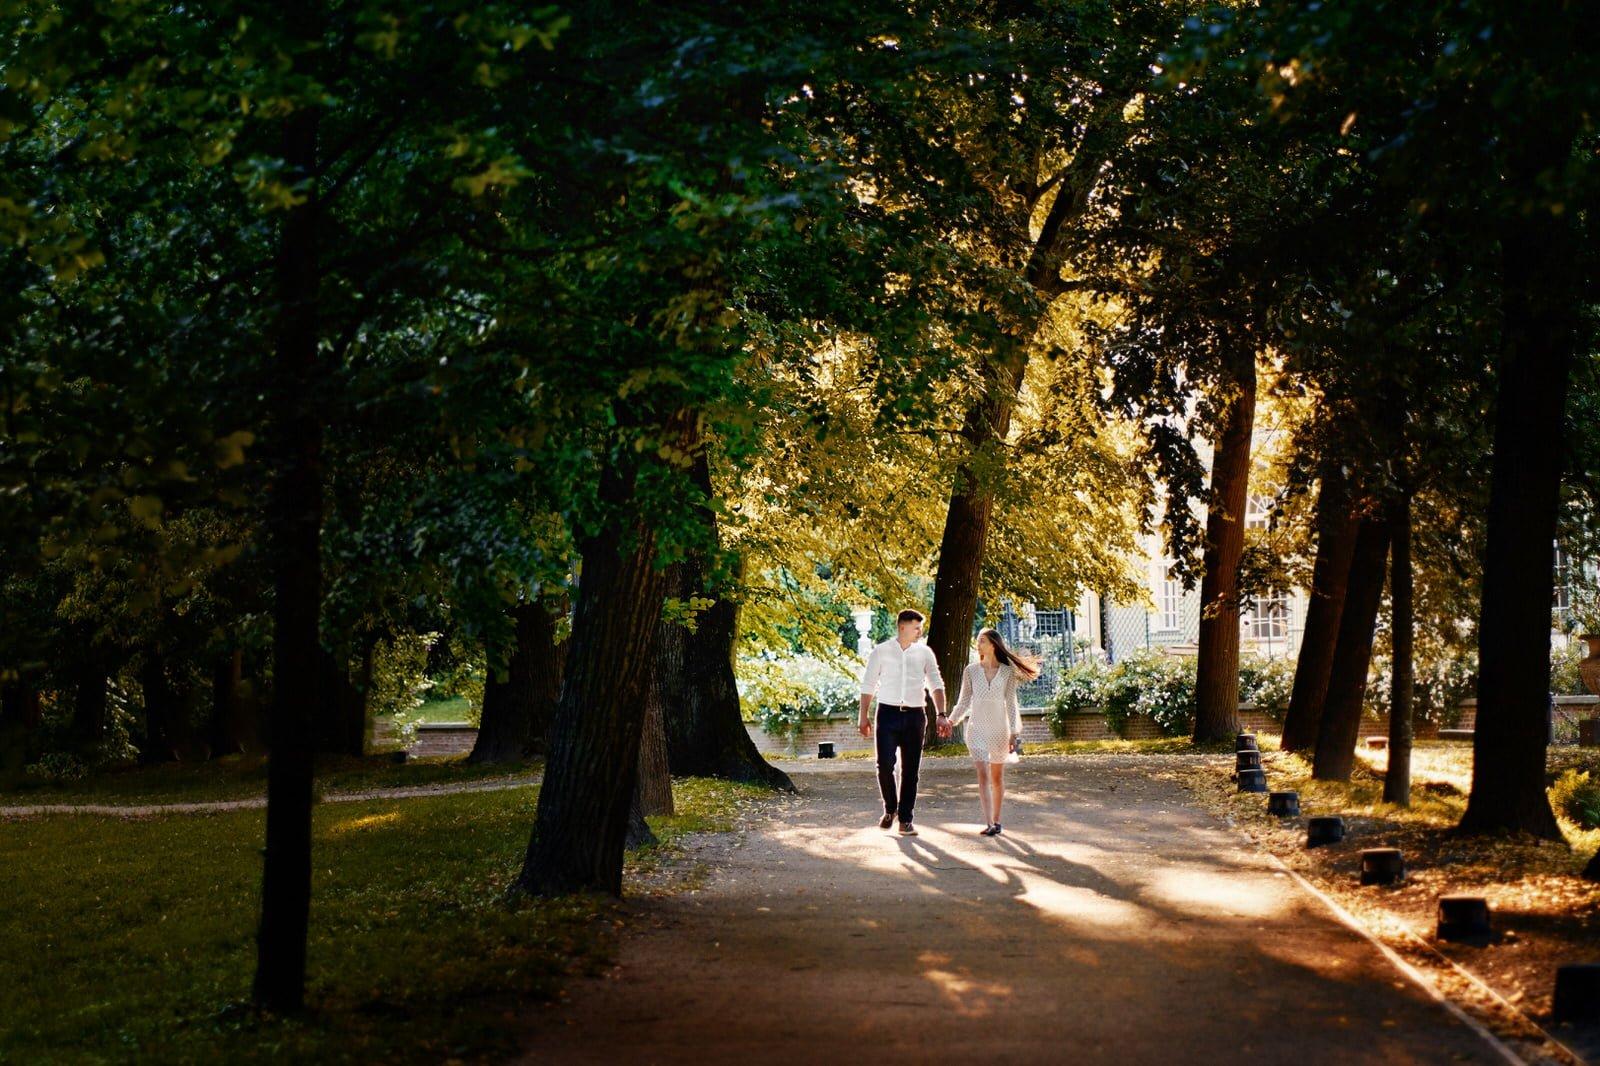 sesja narzeczeńska w parku